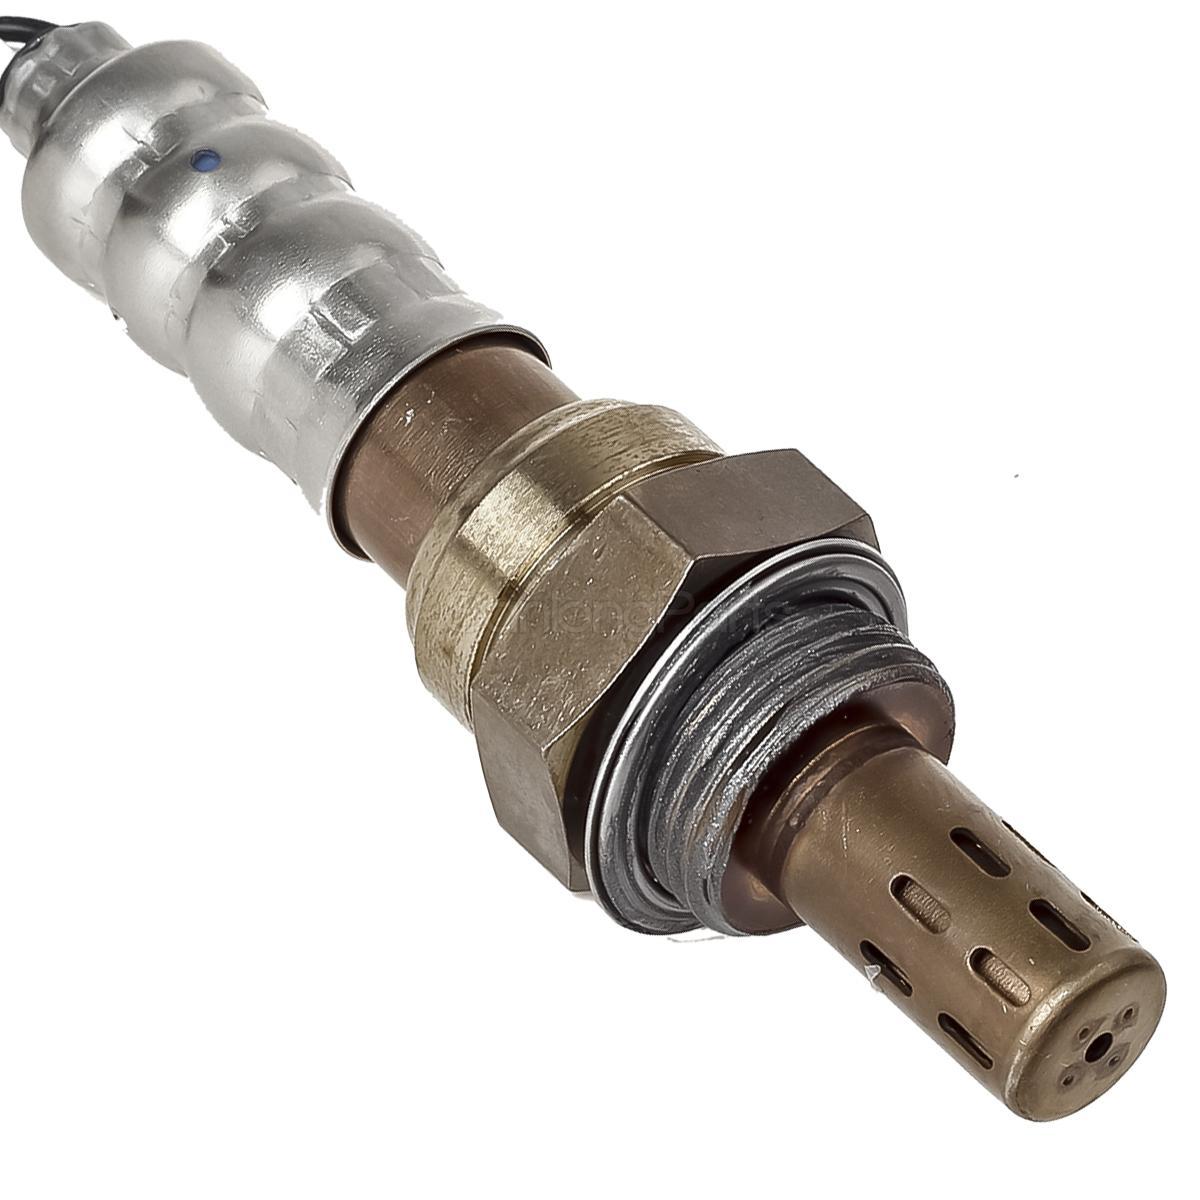 1x Downstream O2 Sensor 234-4350 For 13-14 Acura ILX 2.0L